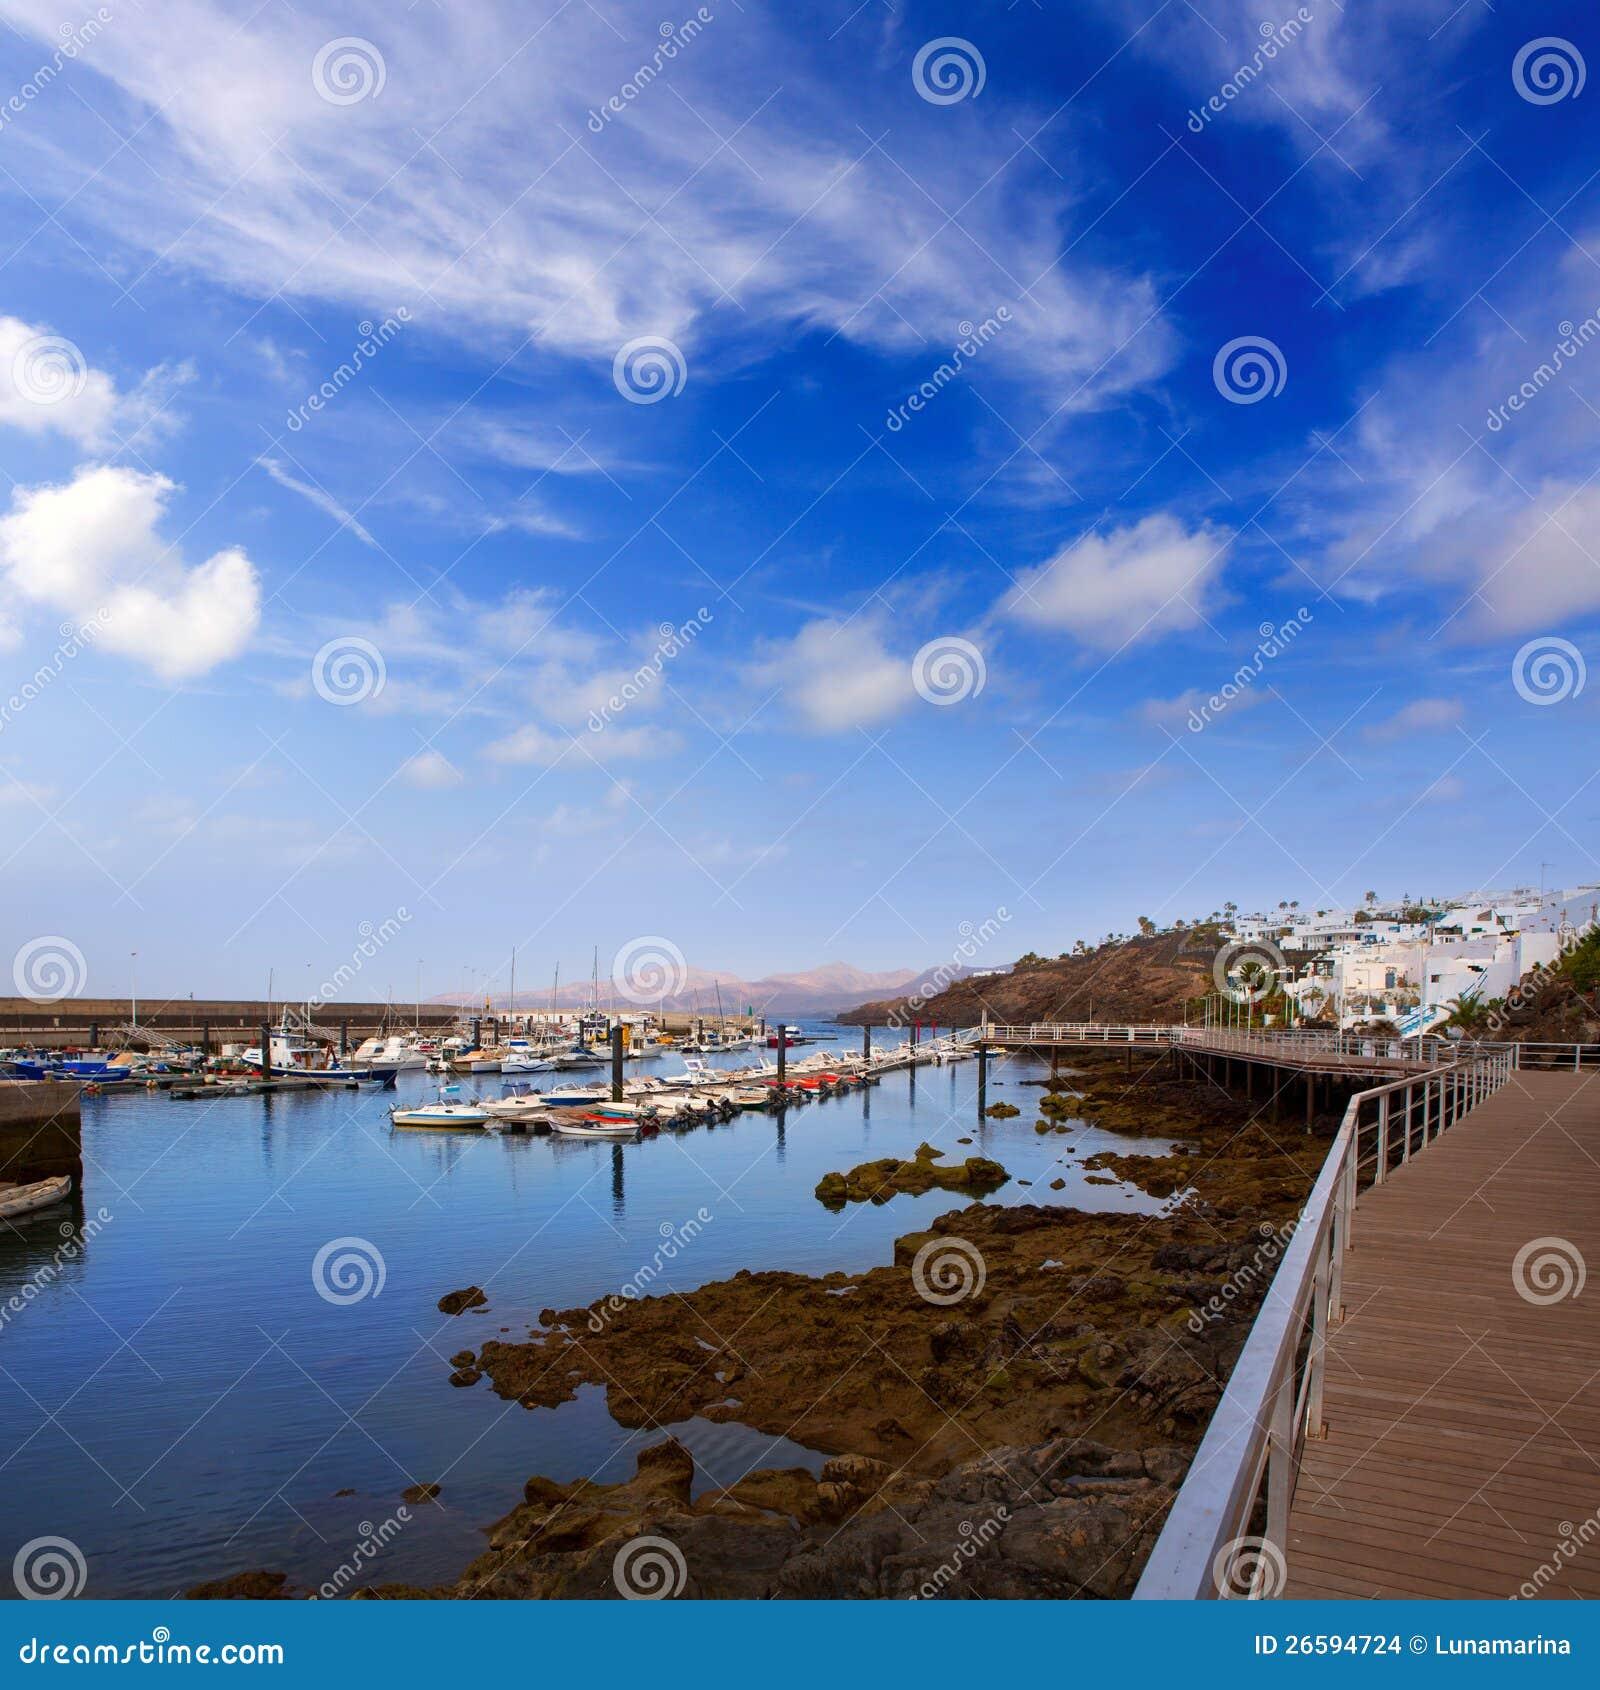 Lanzarote puerto del carmen port in canaries stock images image 26594724 - Port del carmen lanzarote ...